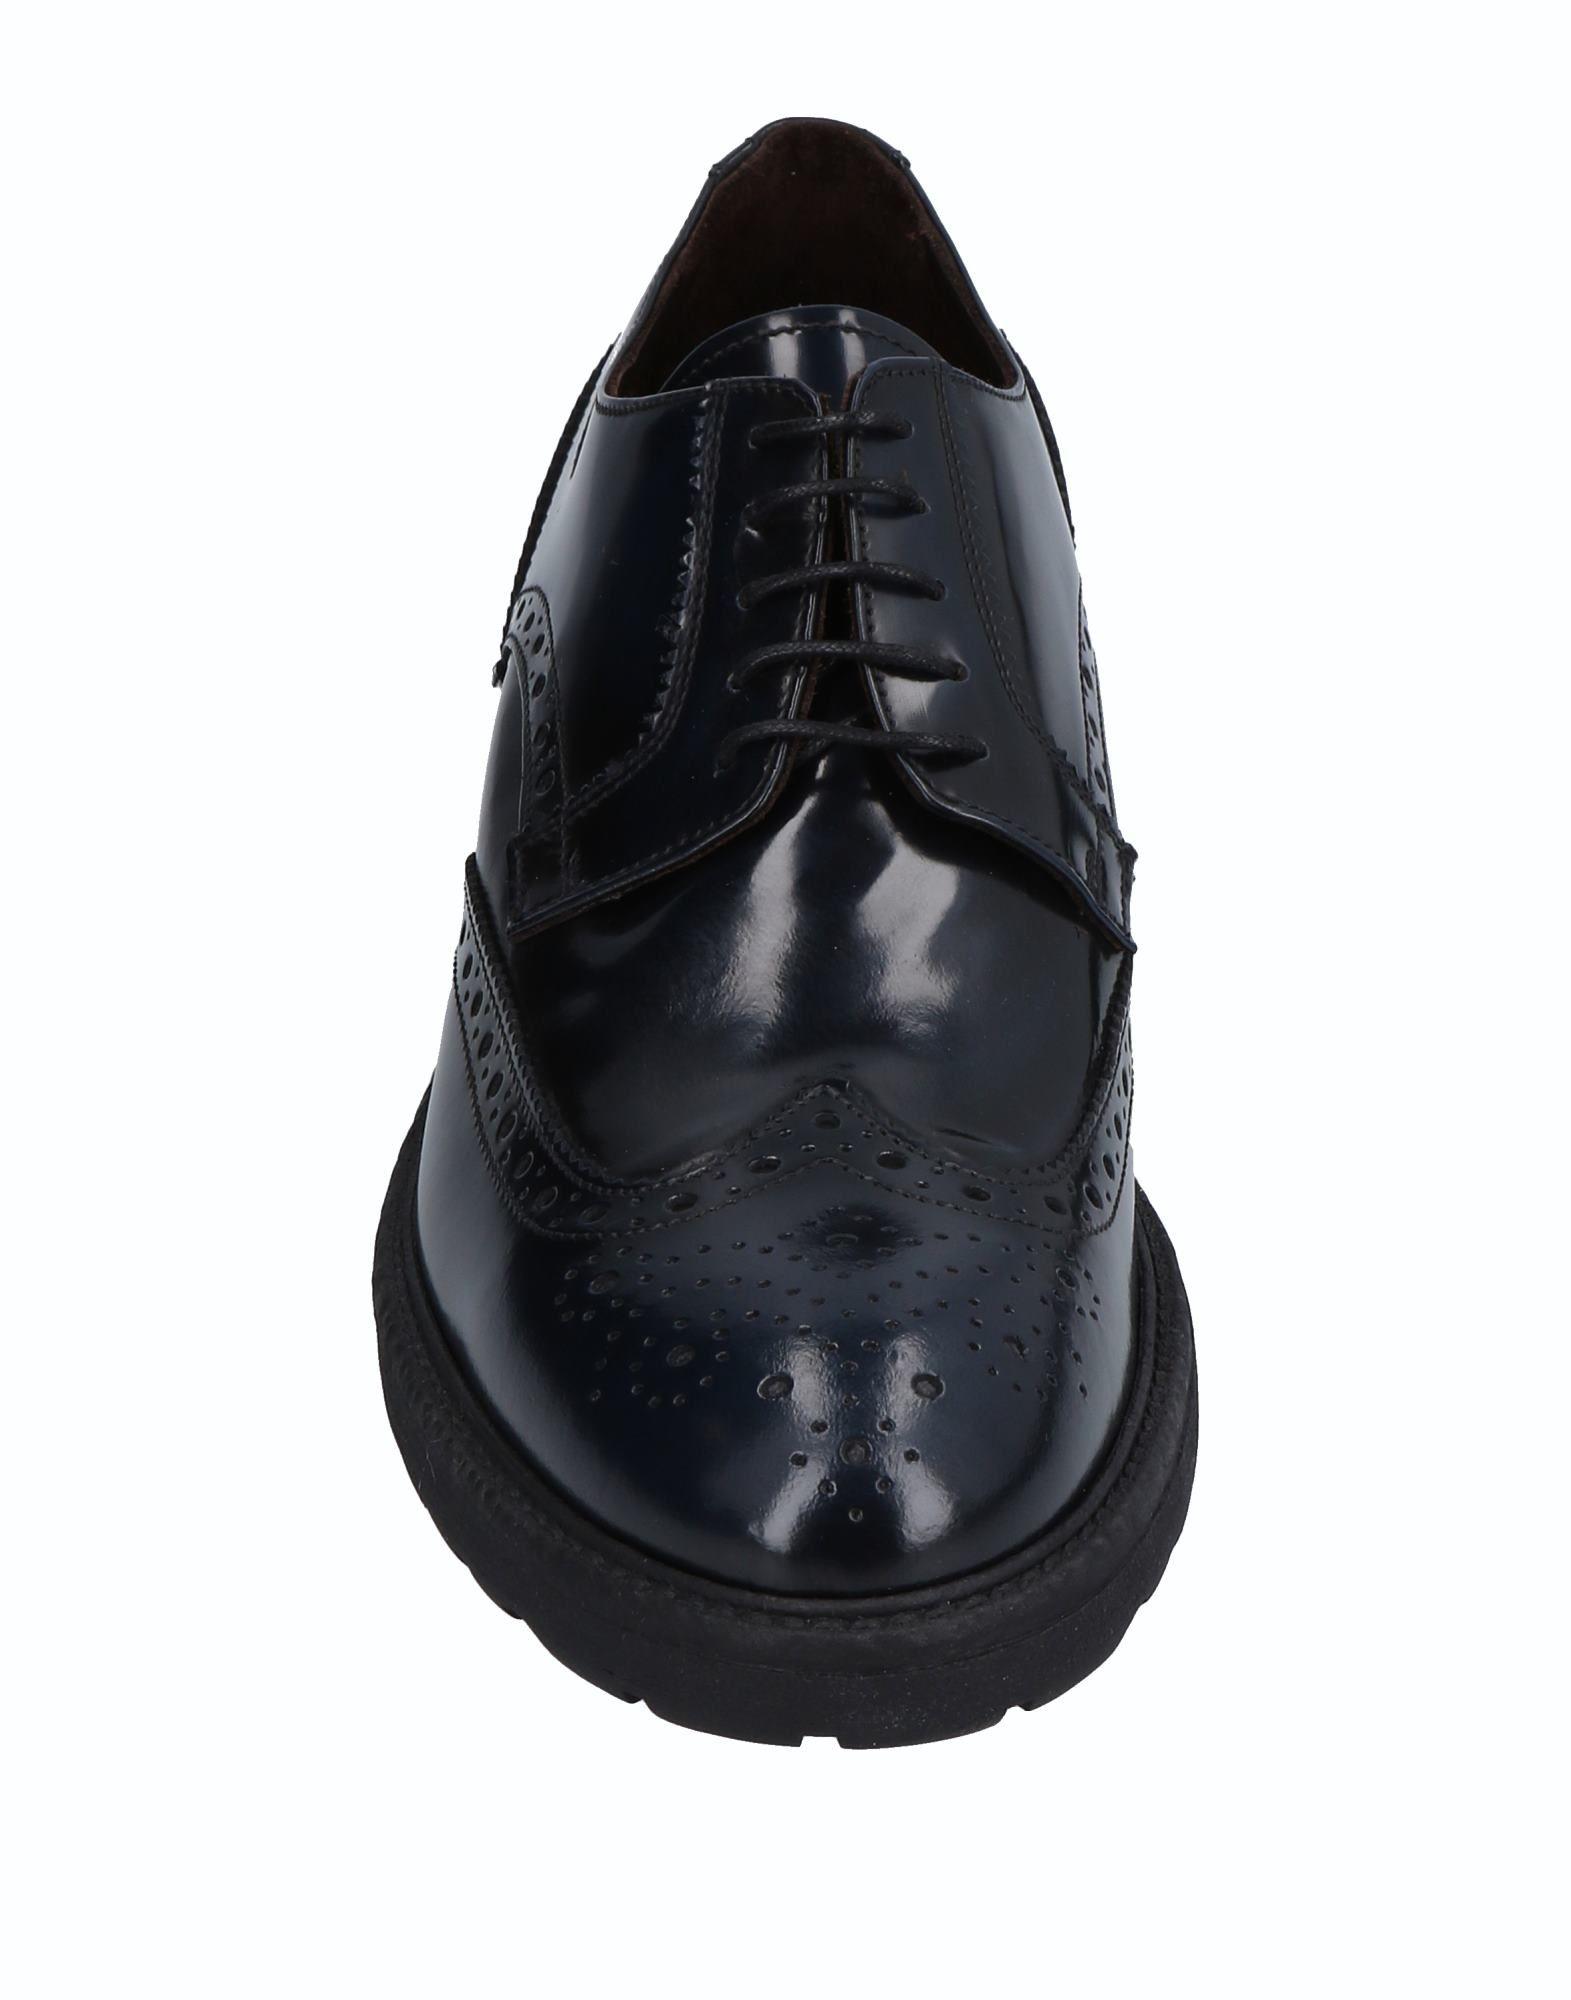 Rabatt Schnürschuhe echte Schuhe Primo Emporio Schnürschuhe Rabatt Herren  11514969XX a2187e